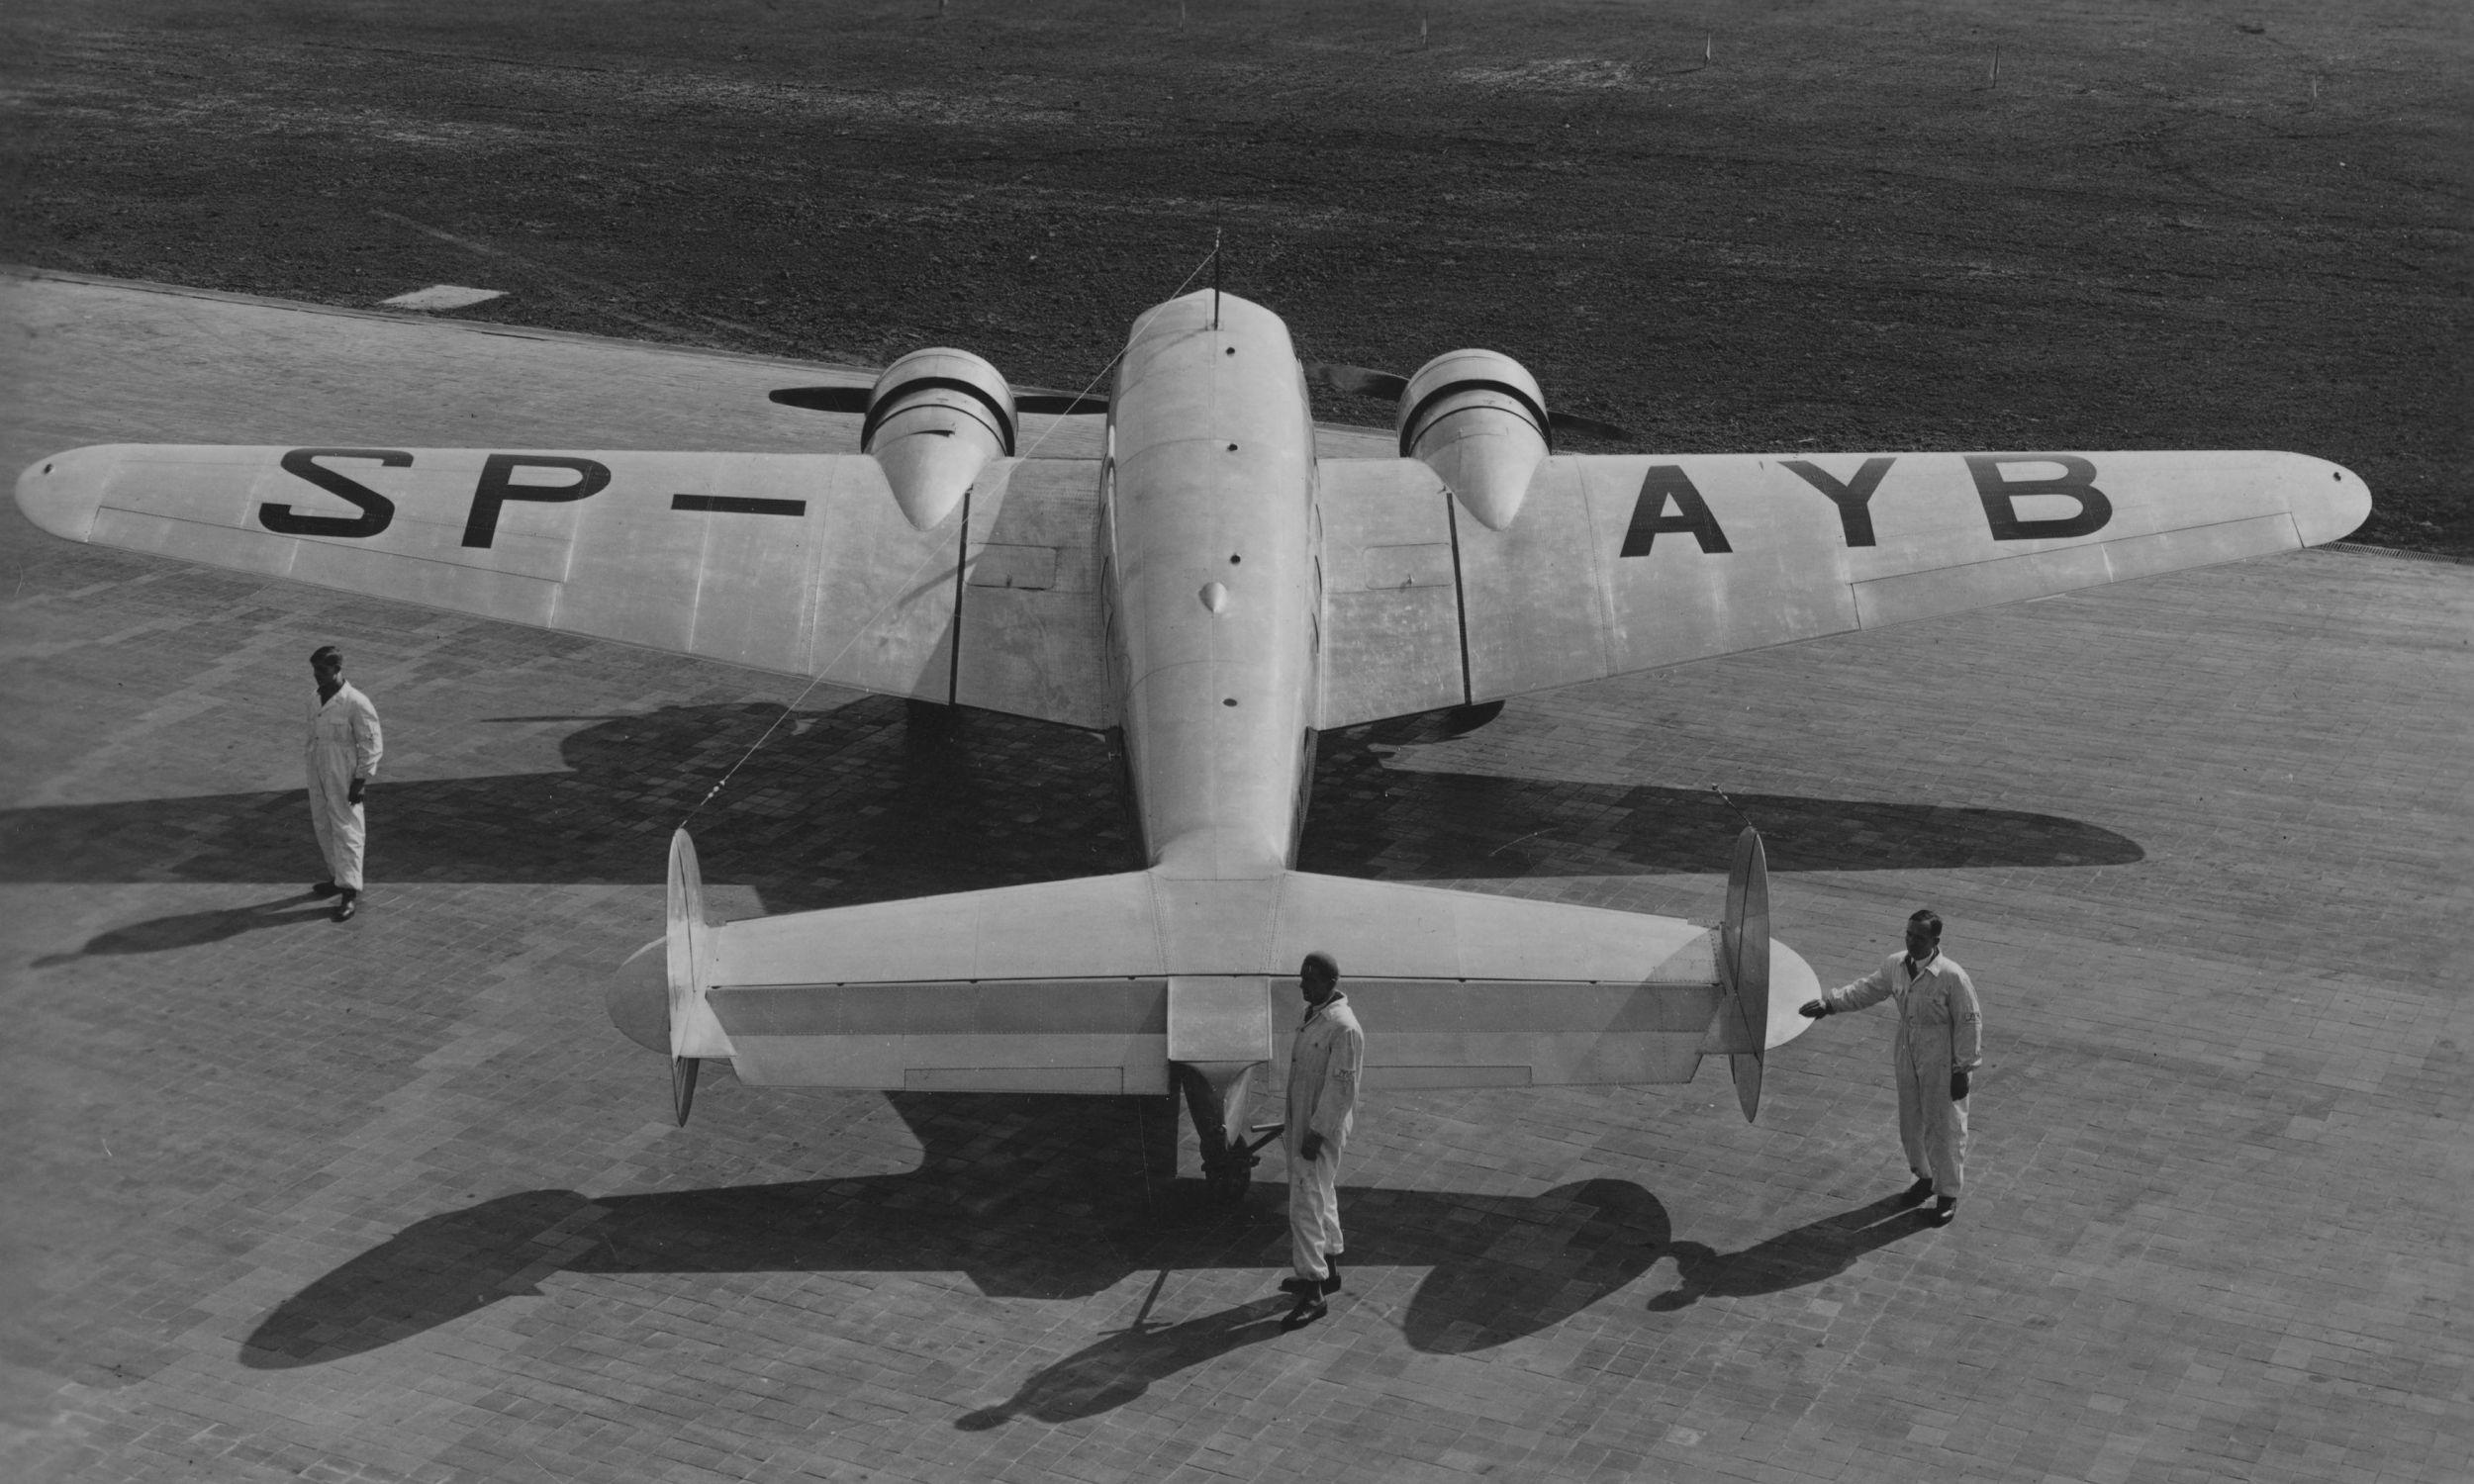 W katastrofie z 11 listopada 1937 roku rozbił się samolot tego typu: Lockheed L-10 Electra – amerykański dwusilnikowy, śmigłowy samolot pasażerski. Fot. NAC/IKC